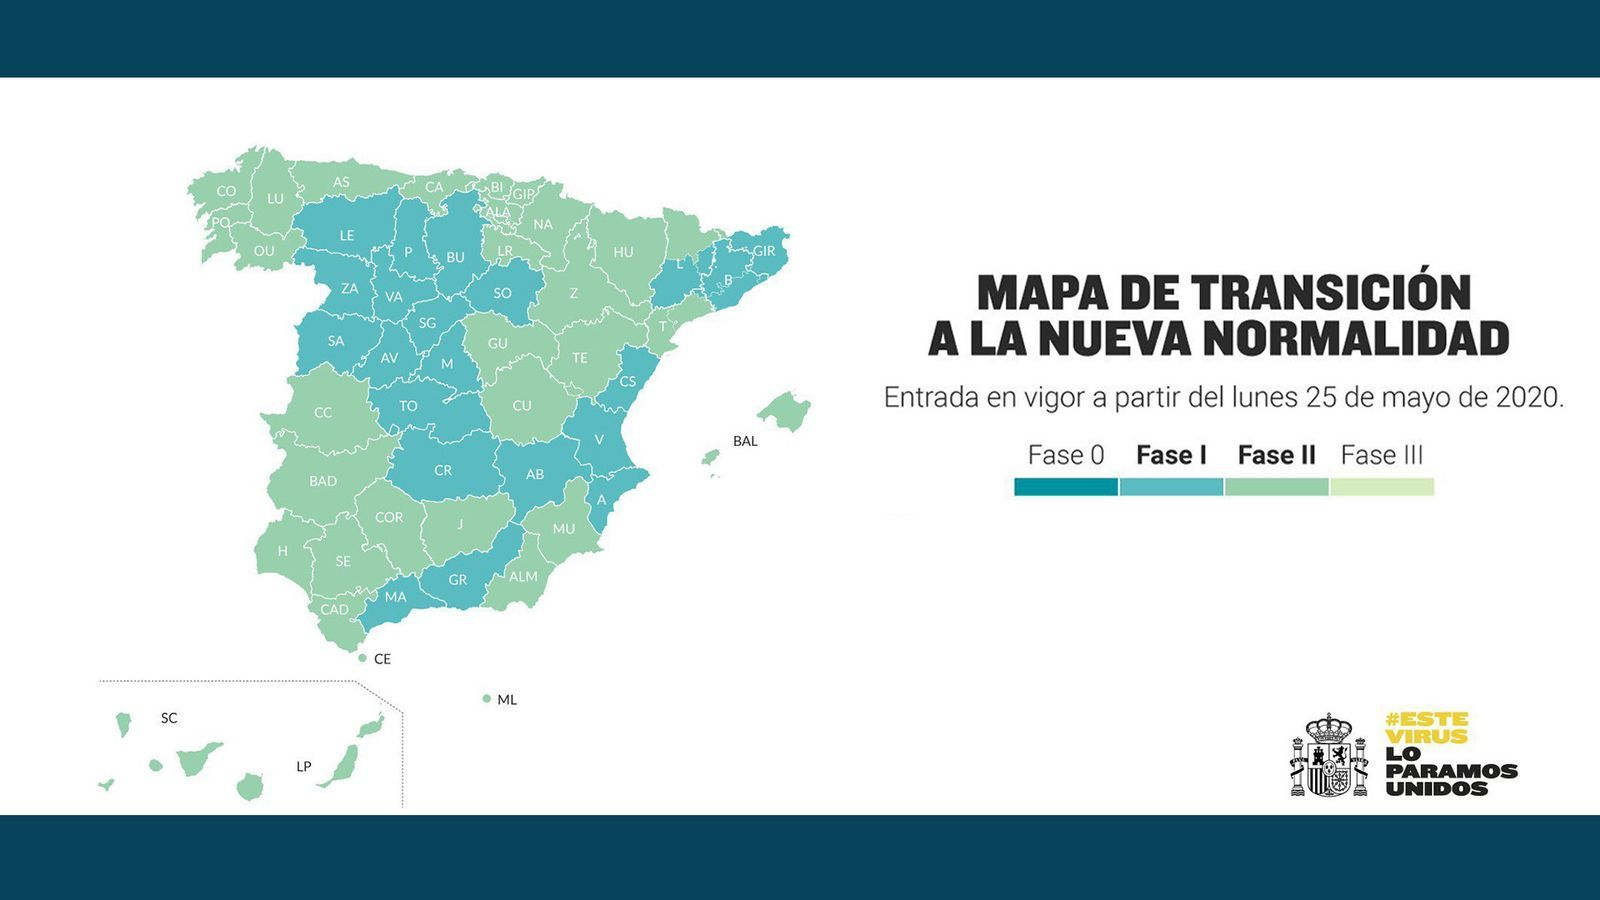 Barcelona i l'àrea metropolitana passaran dilluns a la fase 1 i el TSJC autoritza les manifestacions de Vox de demà: les claus del vespre amb Antoni Bassas (22/05/2020)